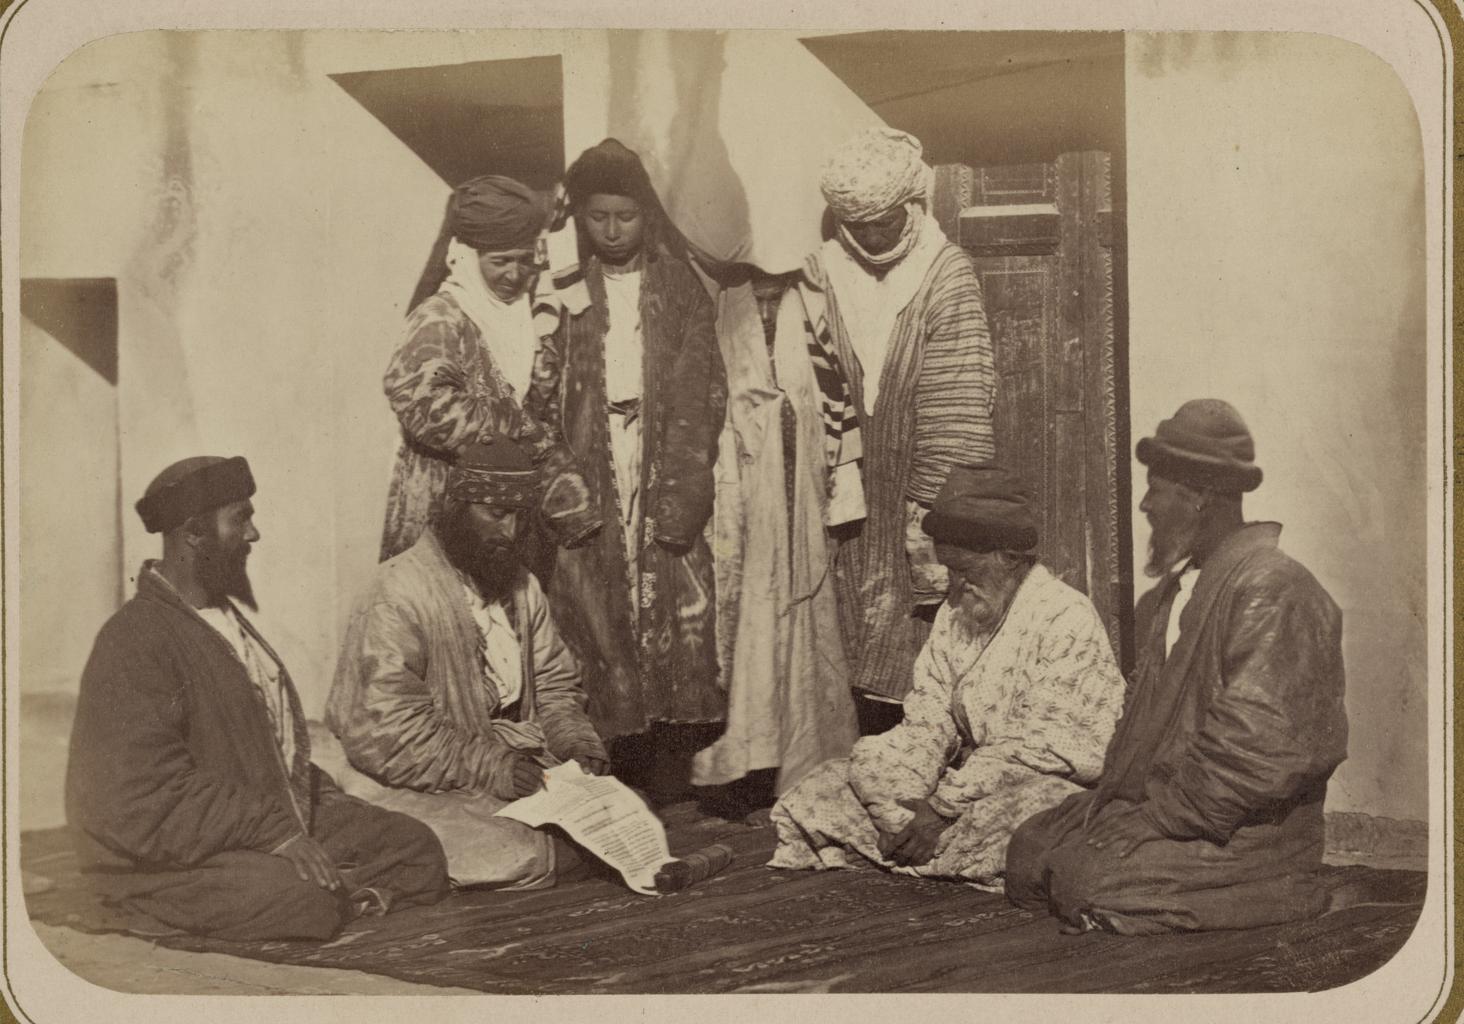 Еврейские свадебные обряды. Двое мужчин, представляющих семьи жениха и невесты, заключают свадебный договор